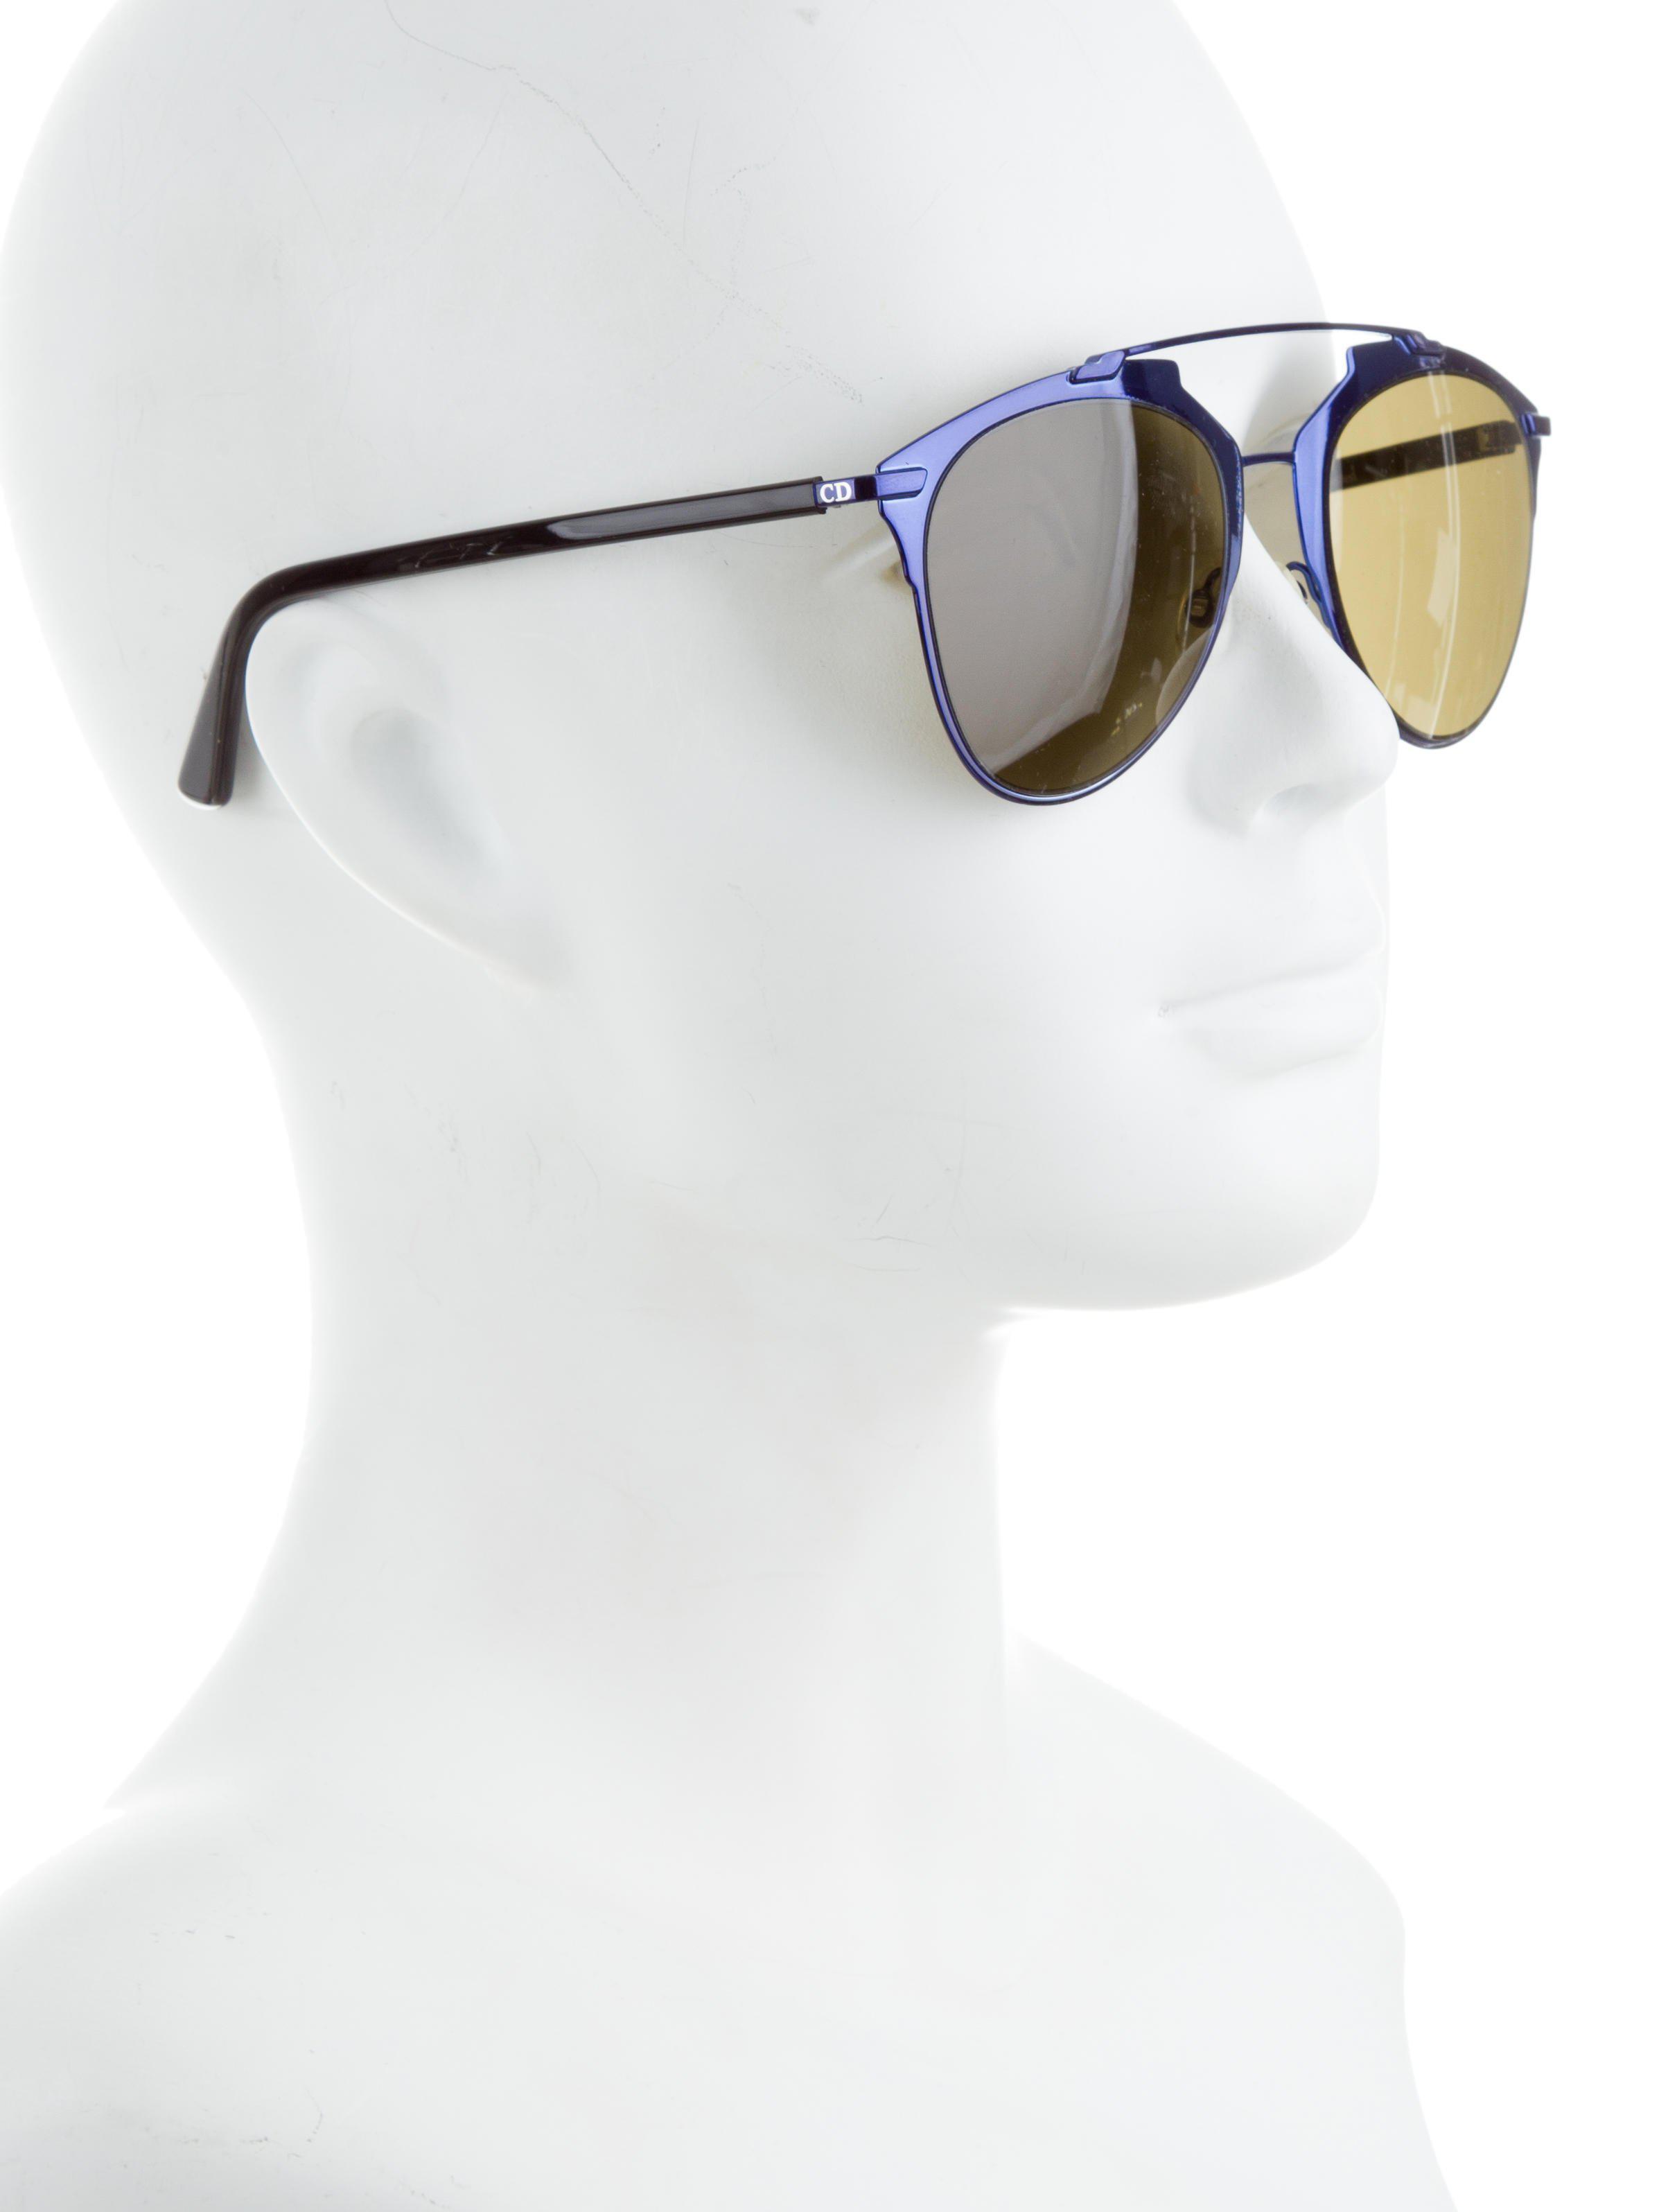 e5befd9e279 Lyst - Dior Reflected Aviator Sunglasses Indigo in Purple